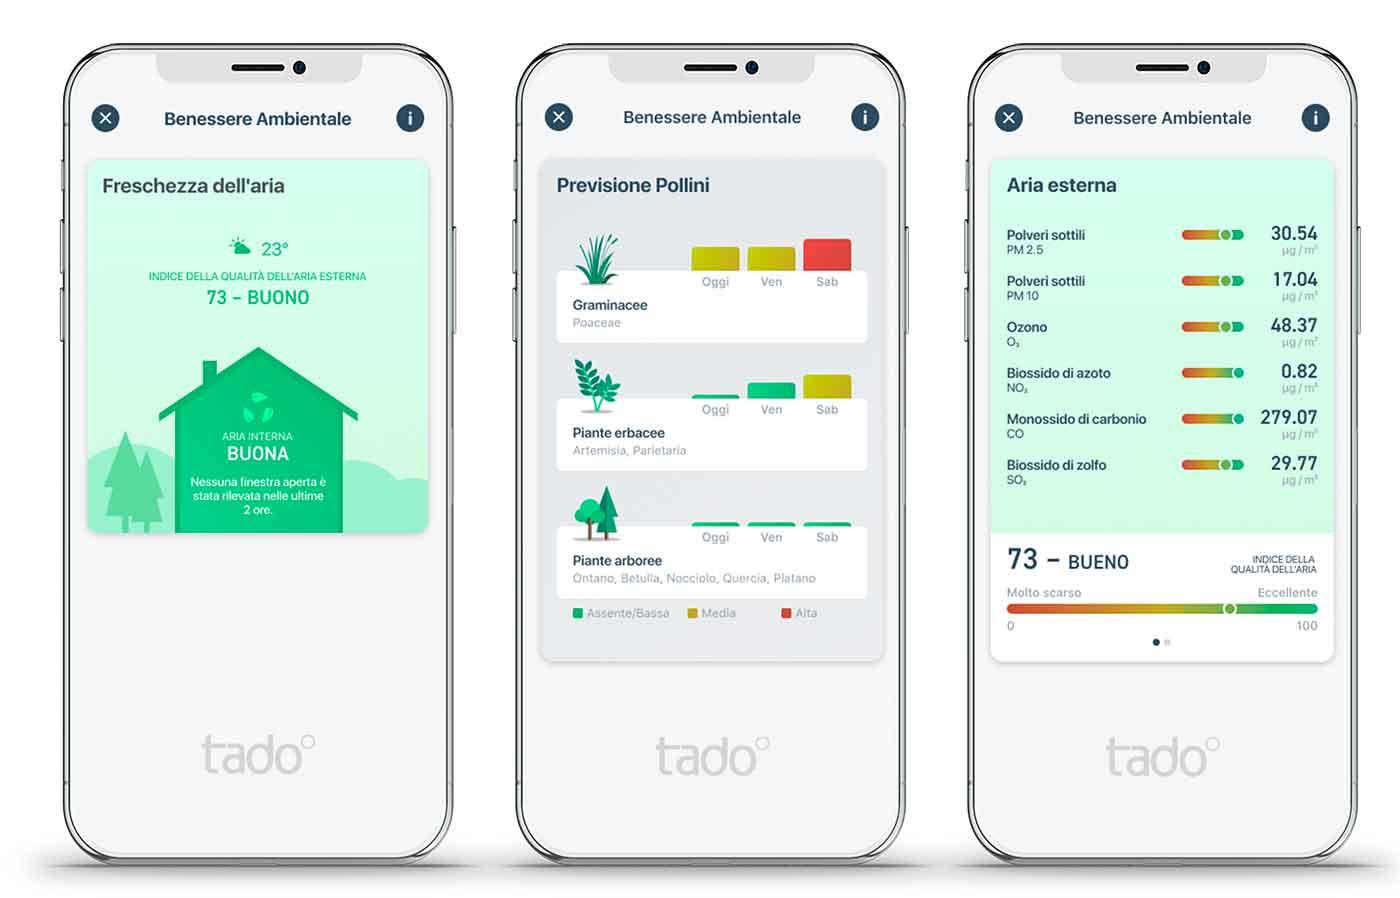 La nuova app di tado° mostra dettagli sull'aria pulita